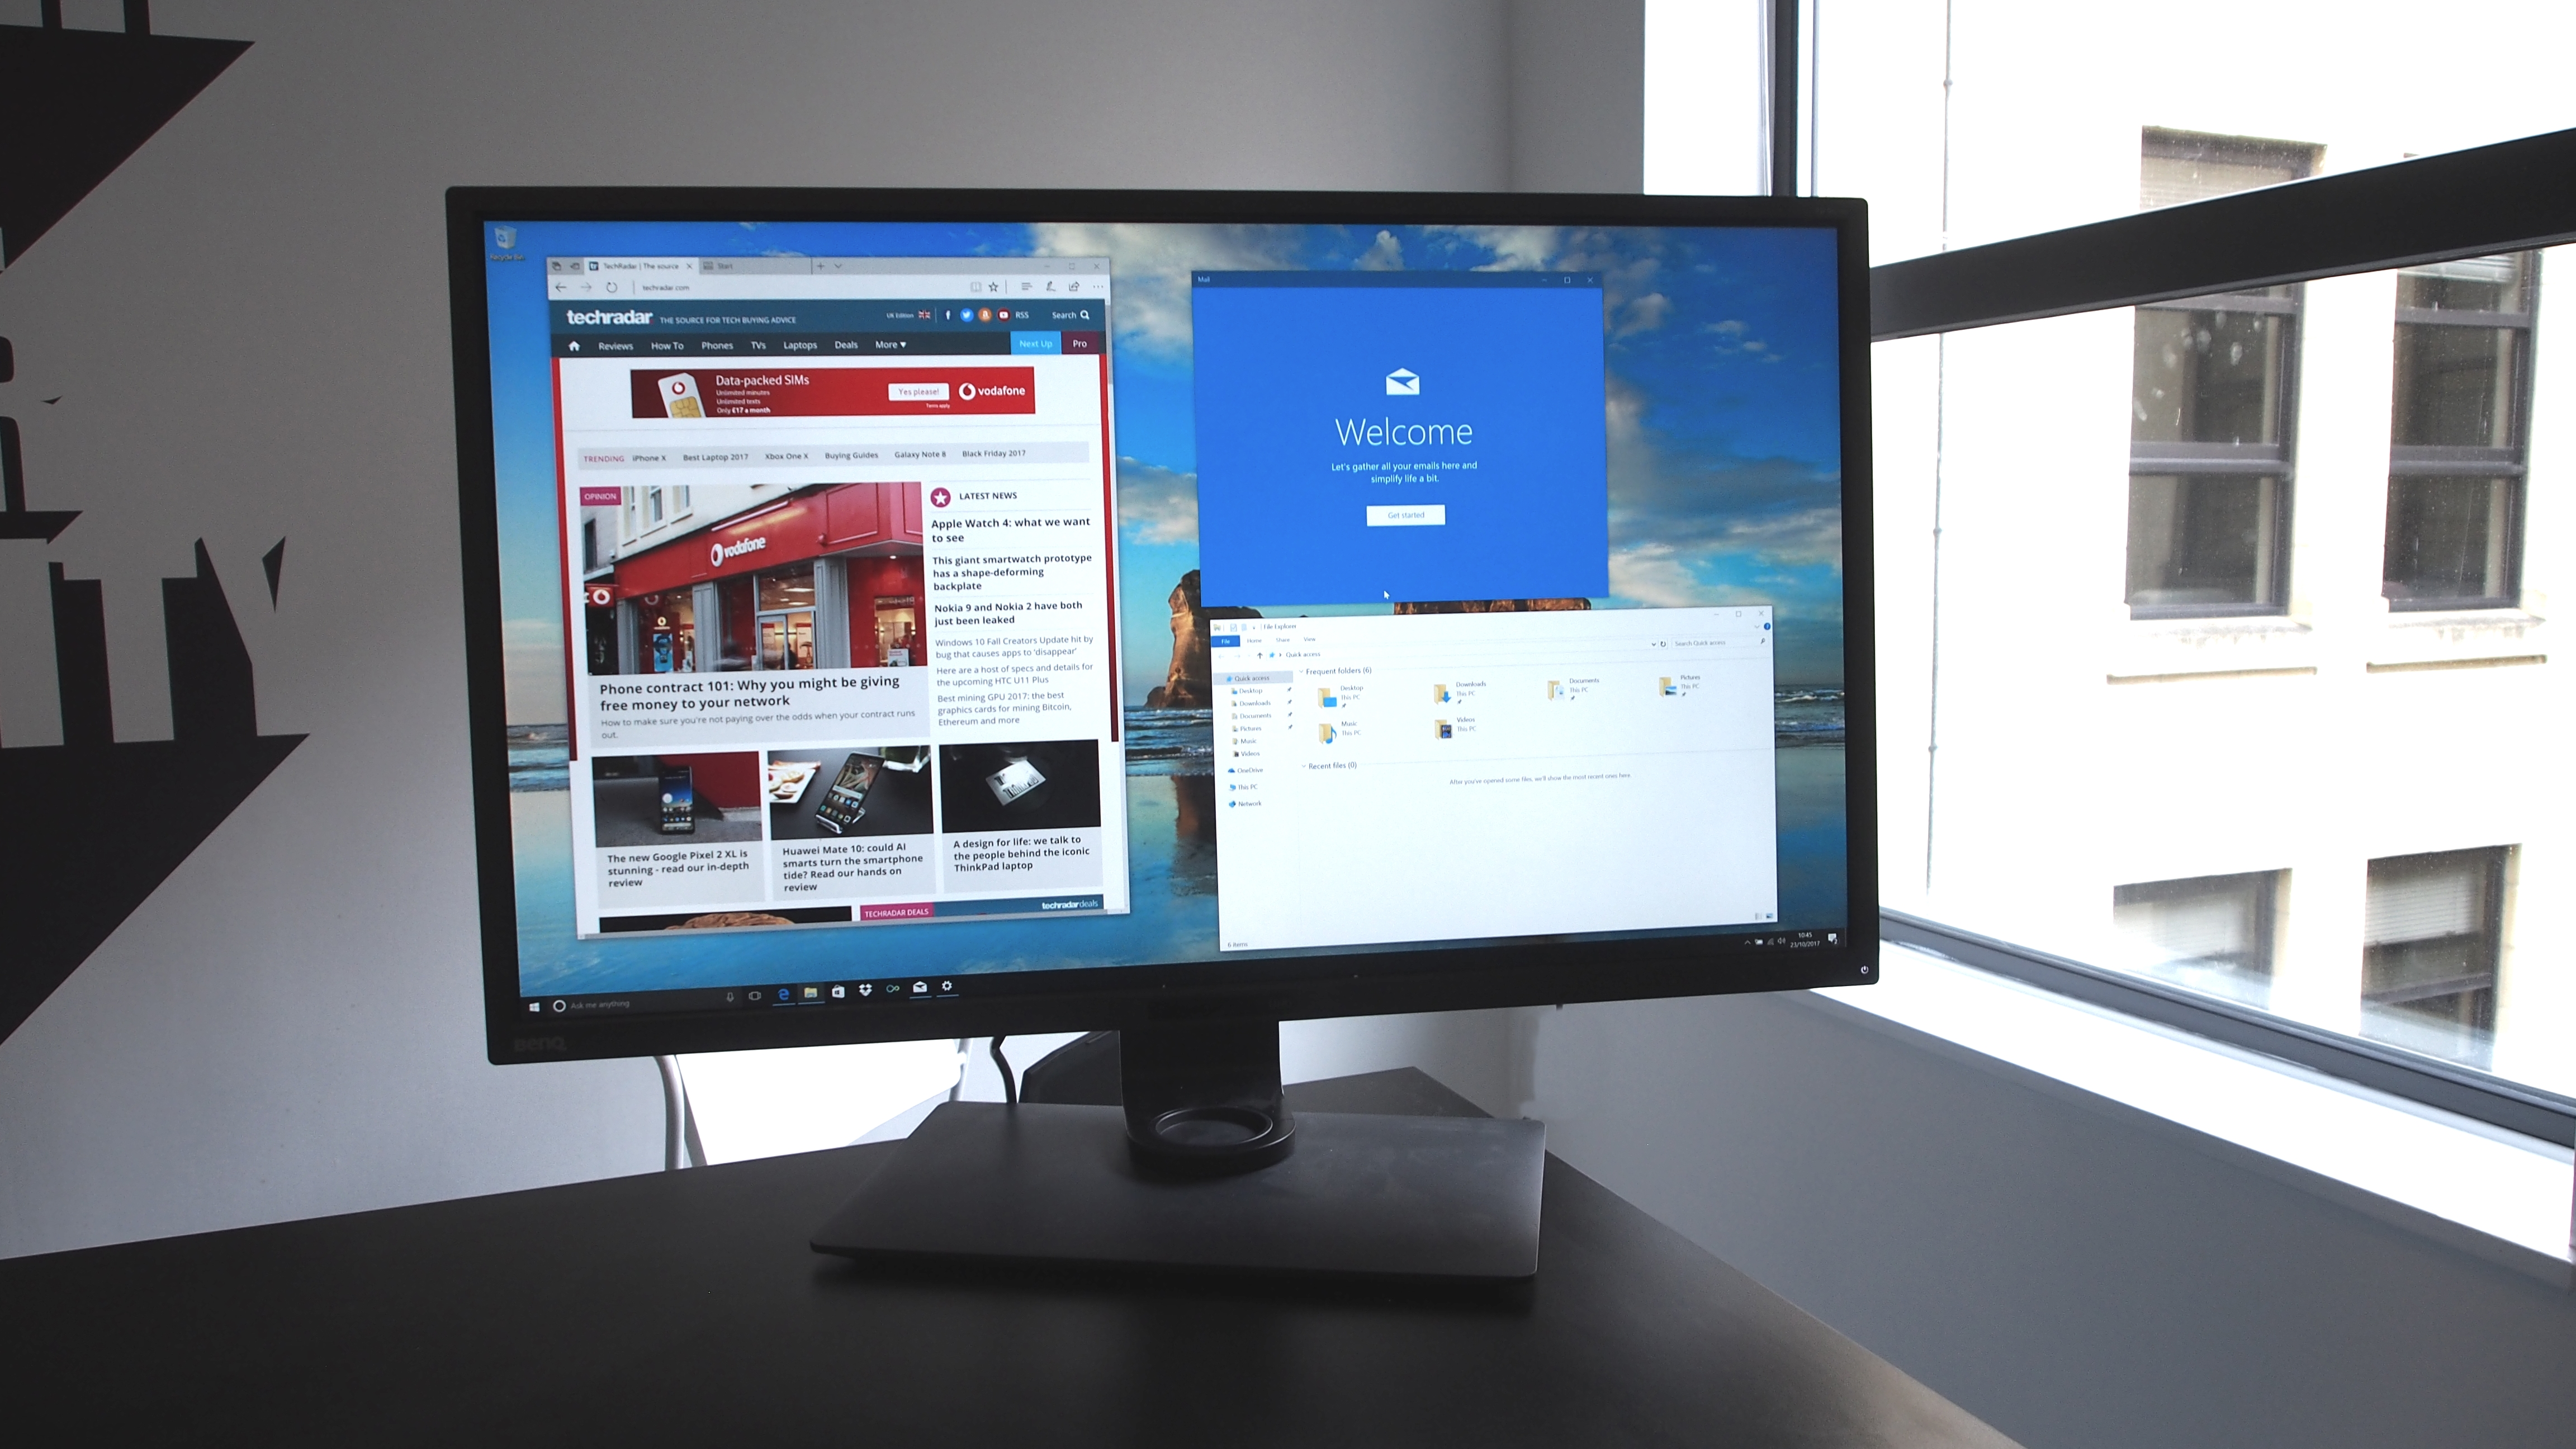 ▷ El mejor monitor para la edición de fotos en 2019: pantallas principales para fotógrafos 3